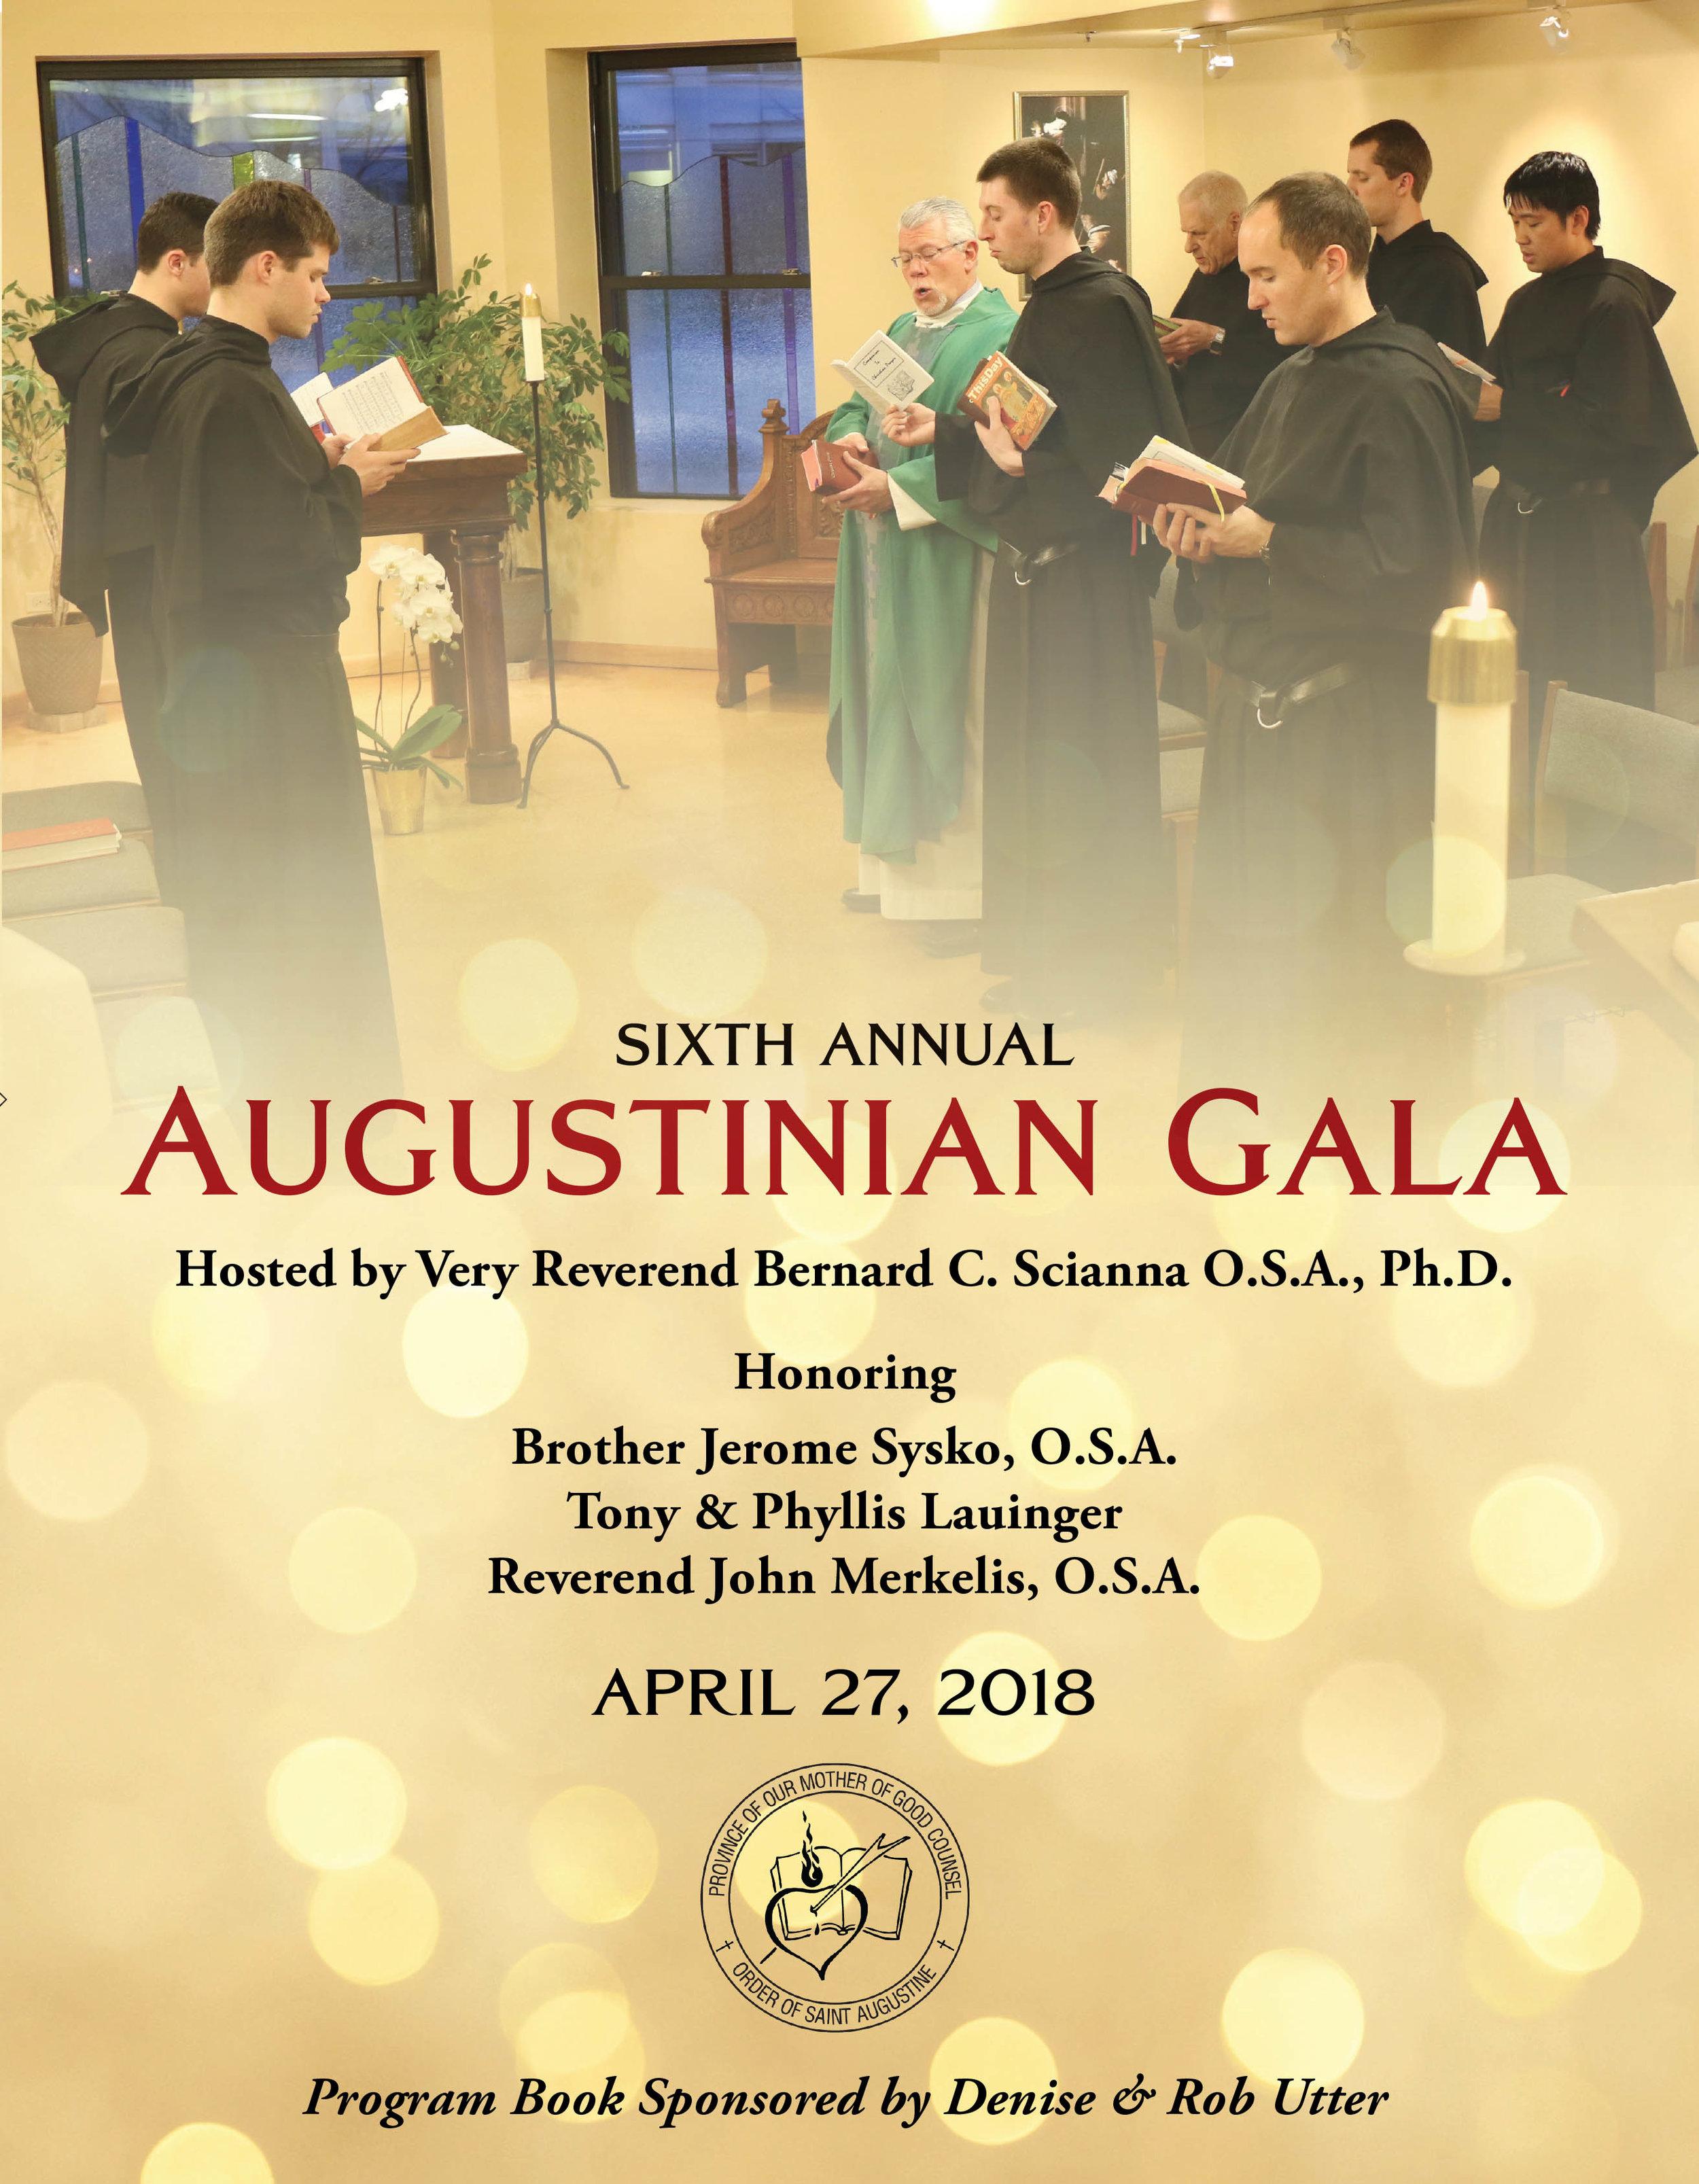 Gala Program Cover 2018-1.jpg